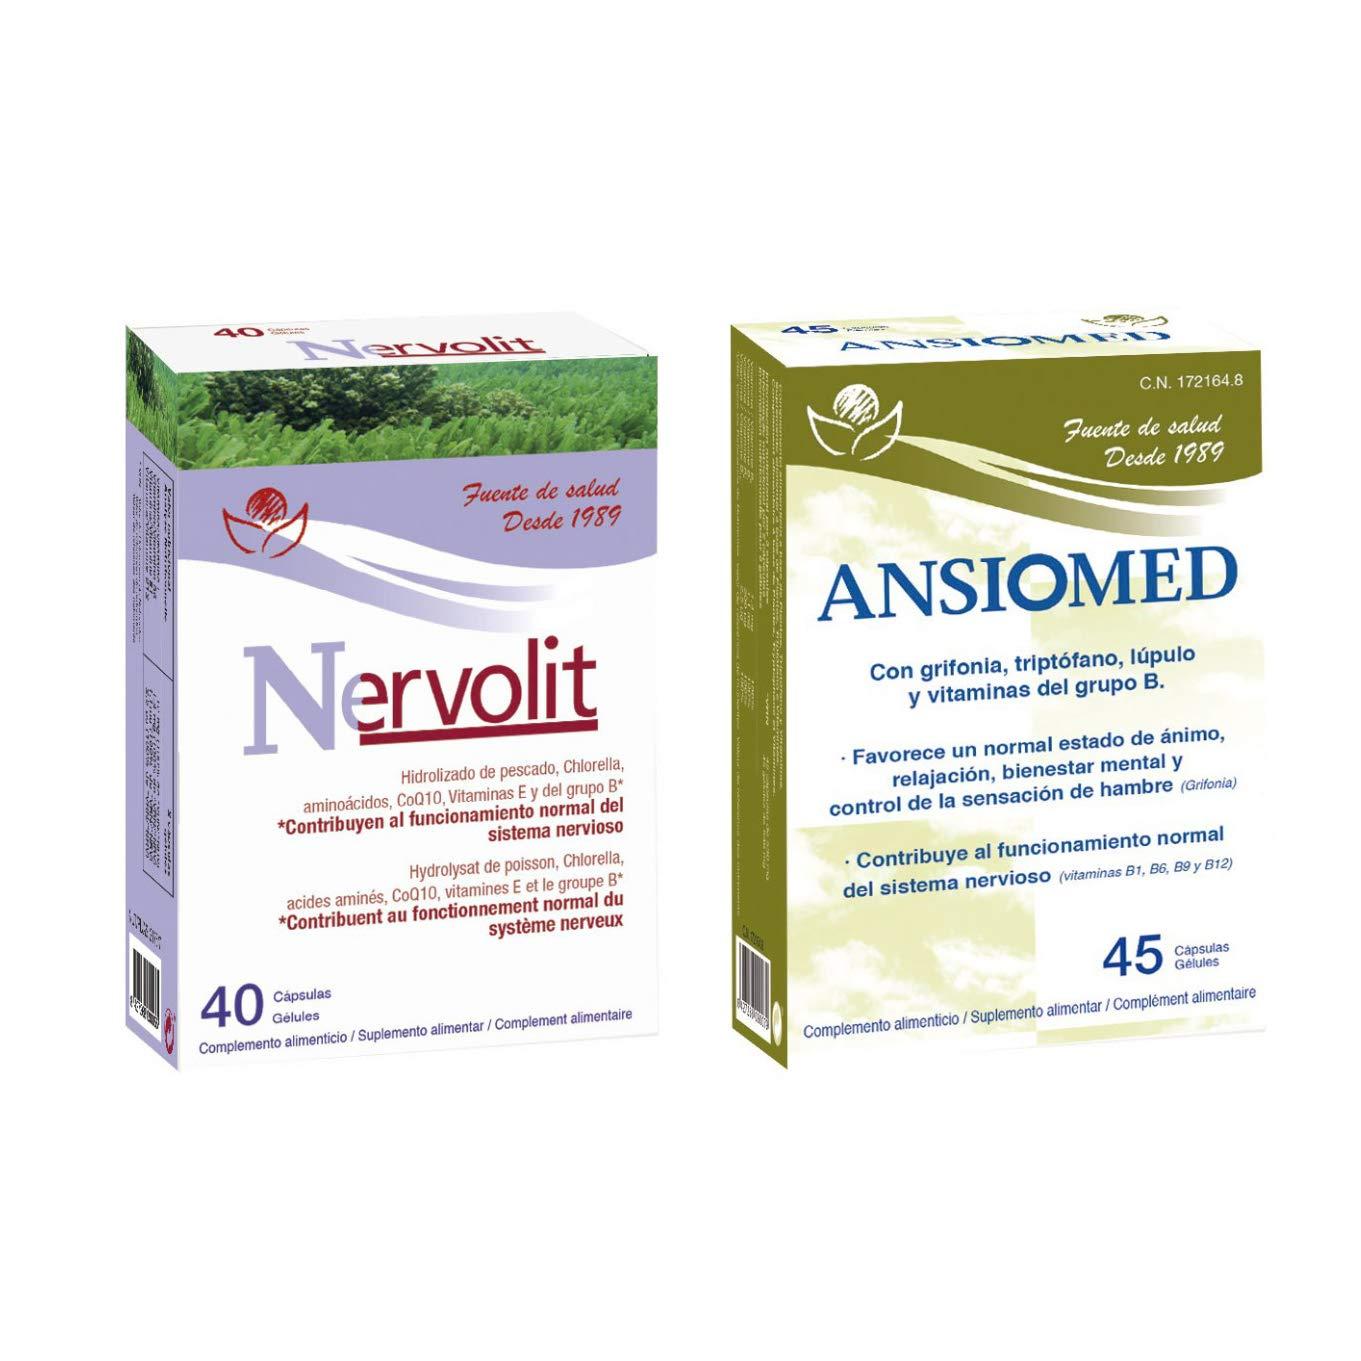 Bioserum - Pack Ansiomed 45 Cápsulas + Nervolit 40 Cápsulas ...